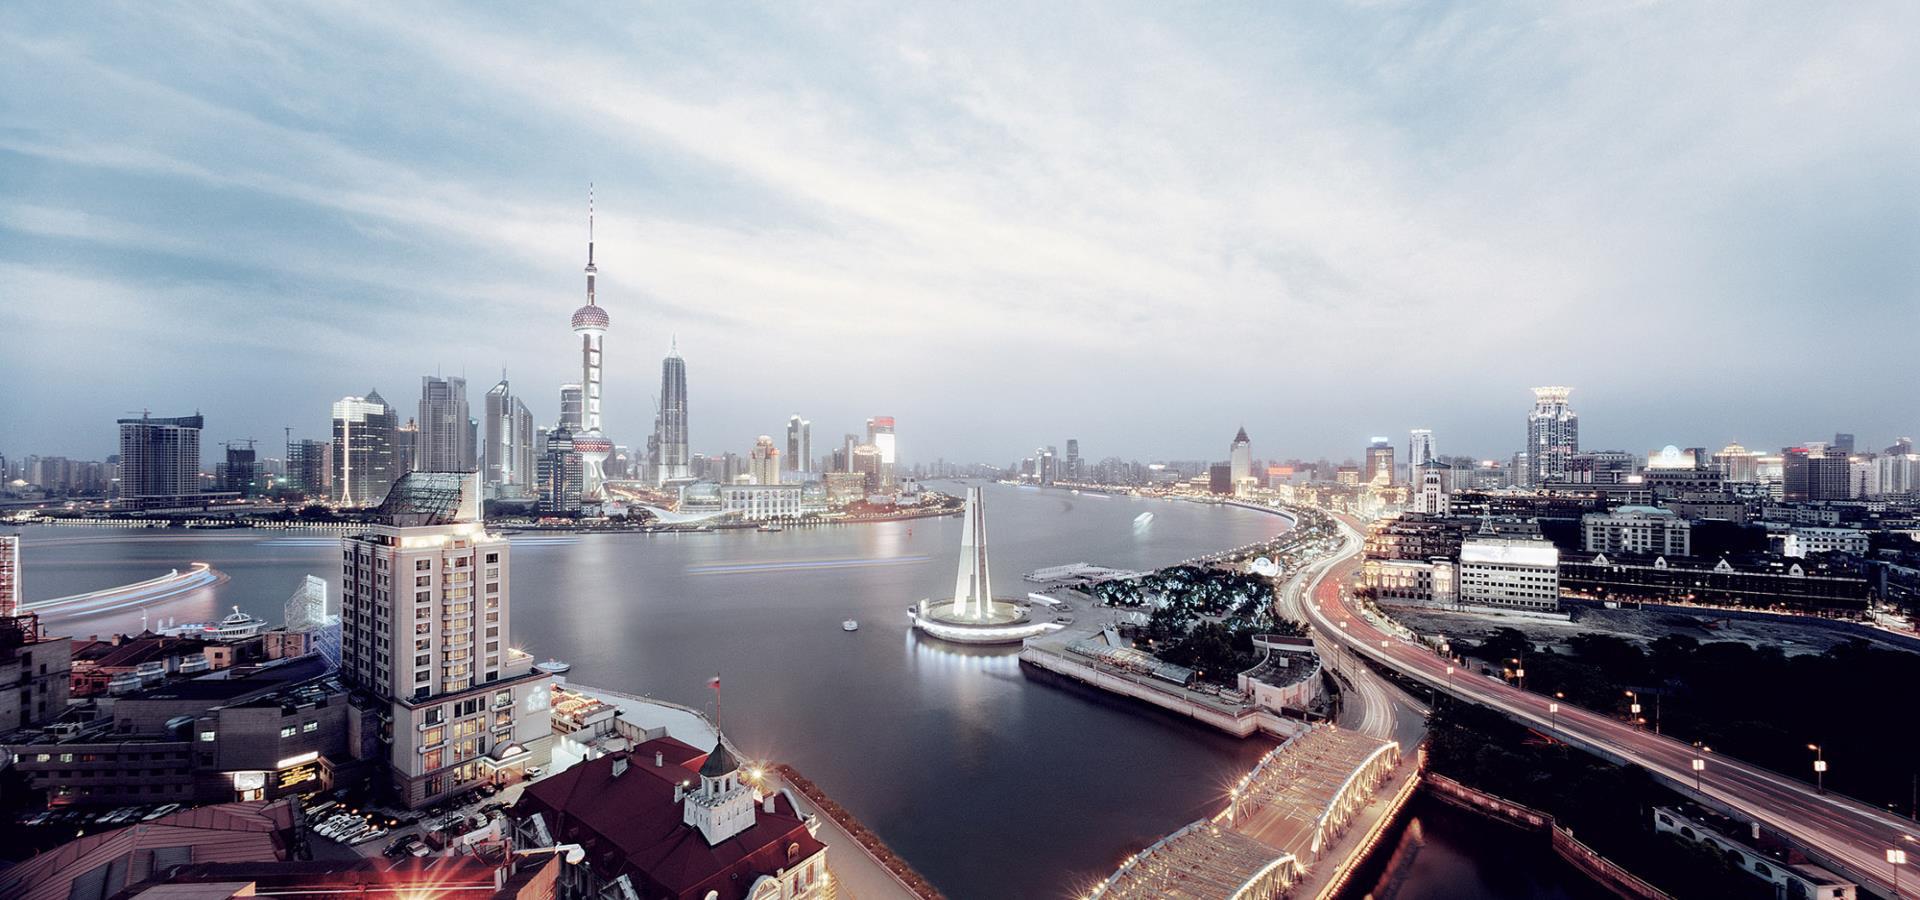 Hành trình du lịch tìm hiểu và khám phá nét đẹp muôn màu bến Thượng Hải - ảnh 3